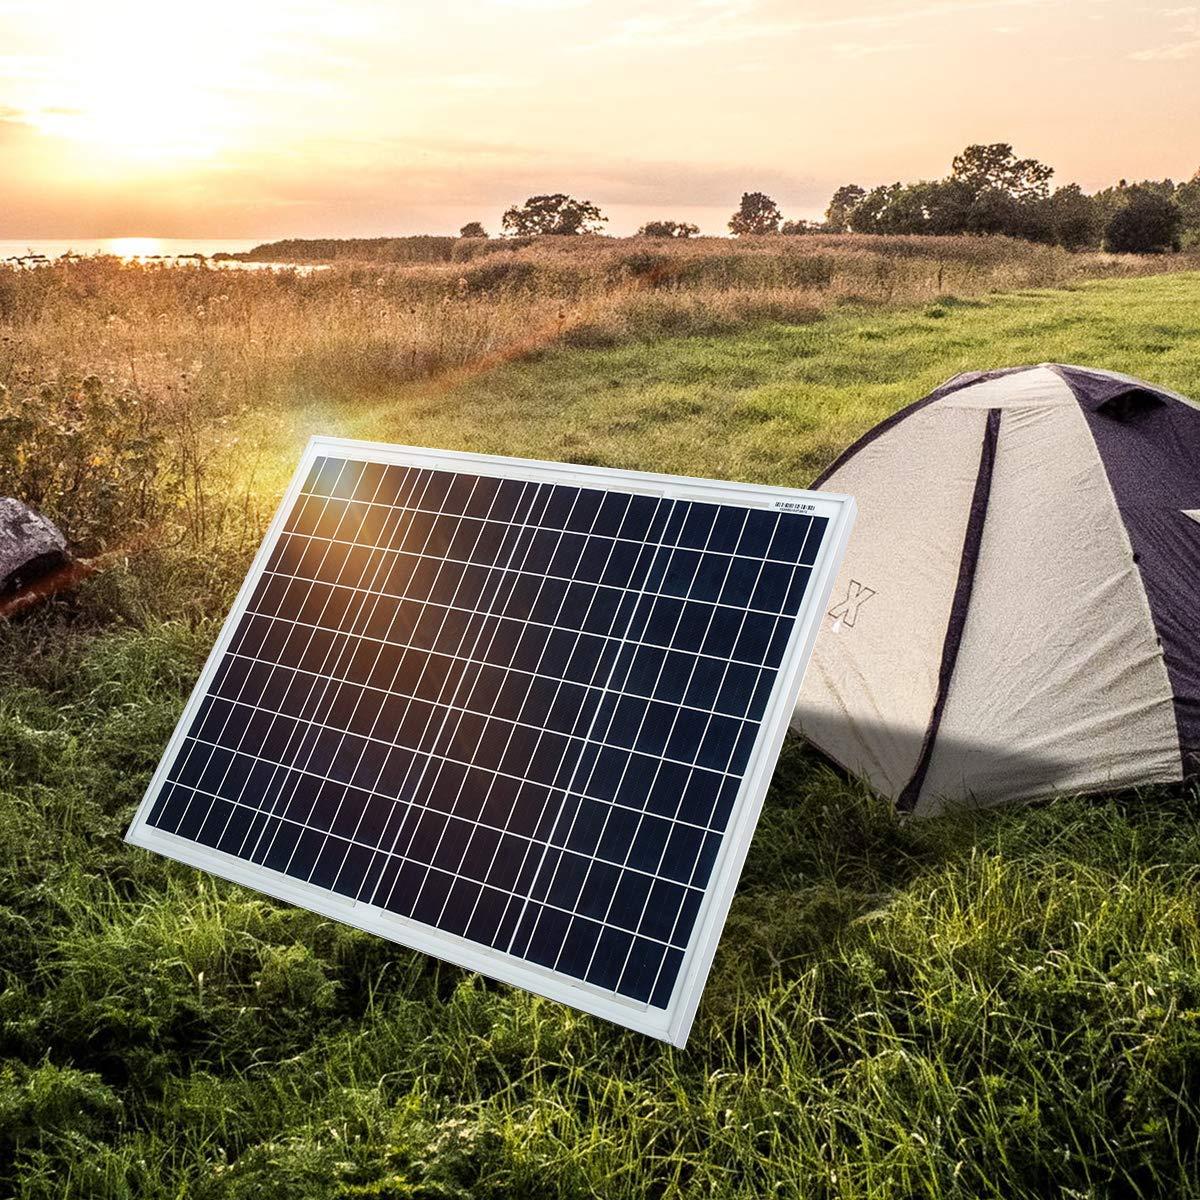 SARONIC 50W 12V Polykristallines Solarmodul-Photovoltaik-PV-Modul f/ür Wohnwagen Wohnmobil Boot oder Yacht